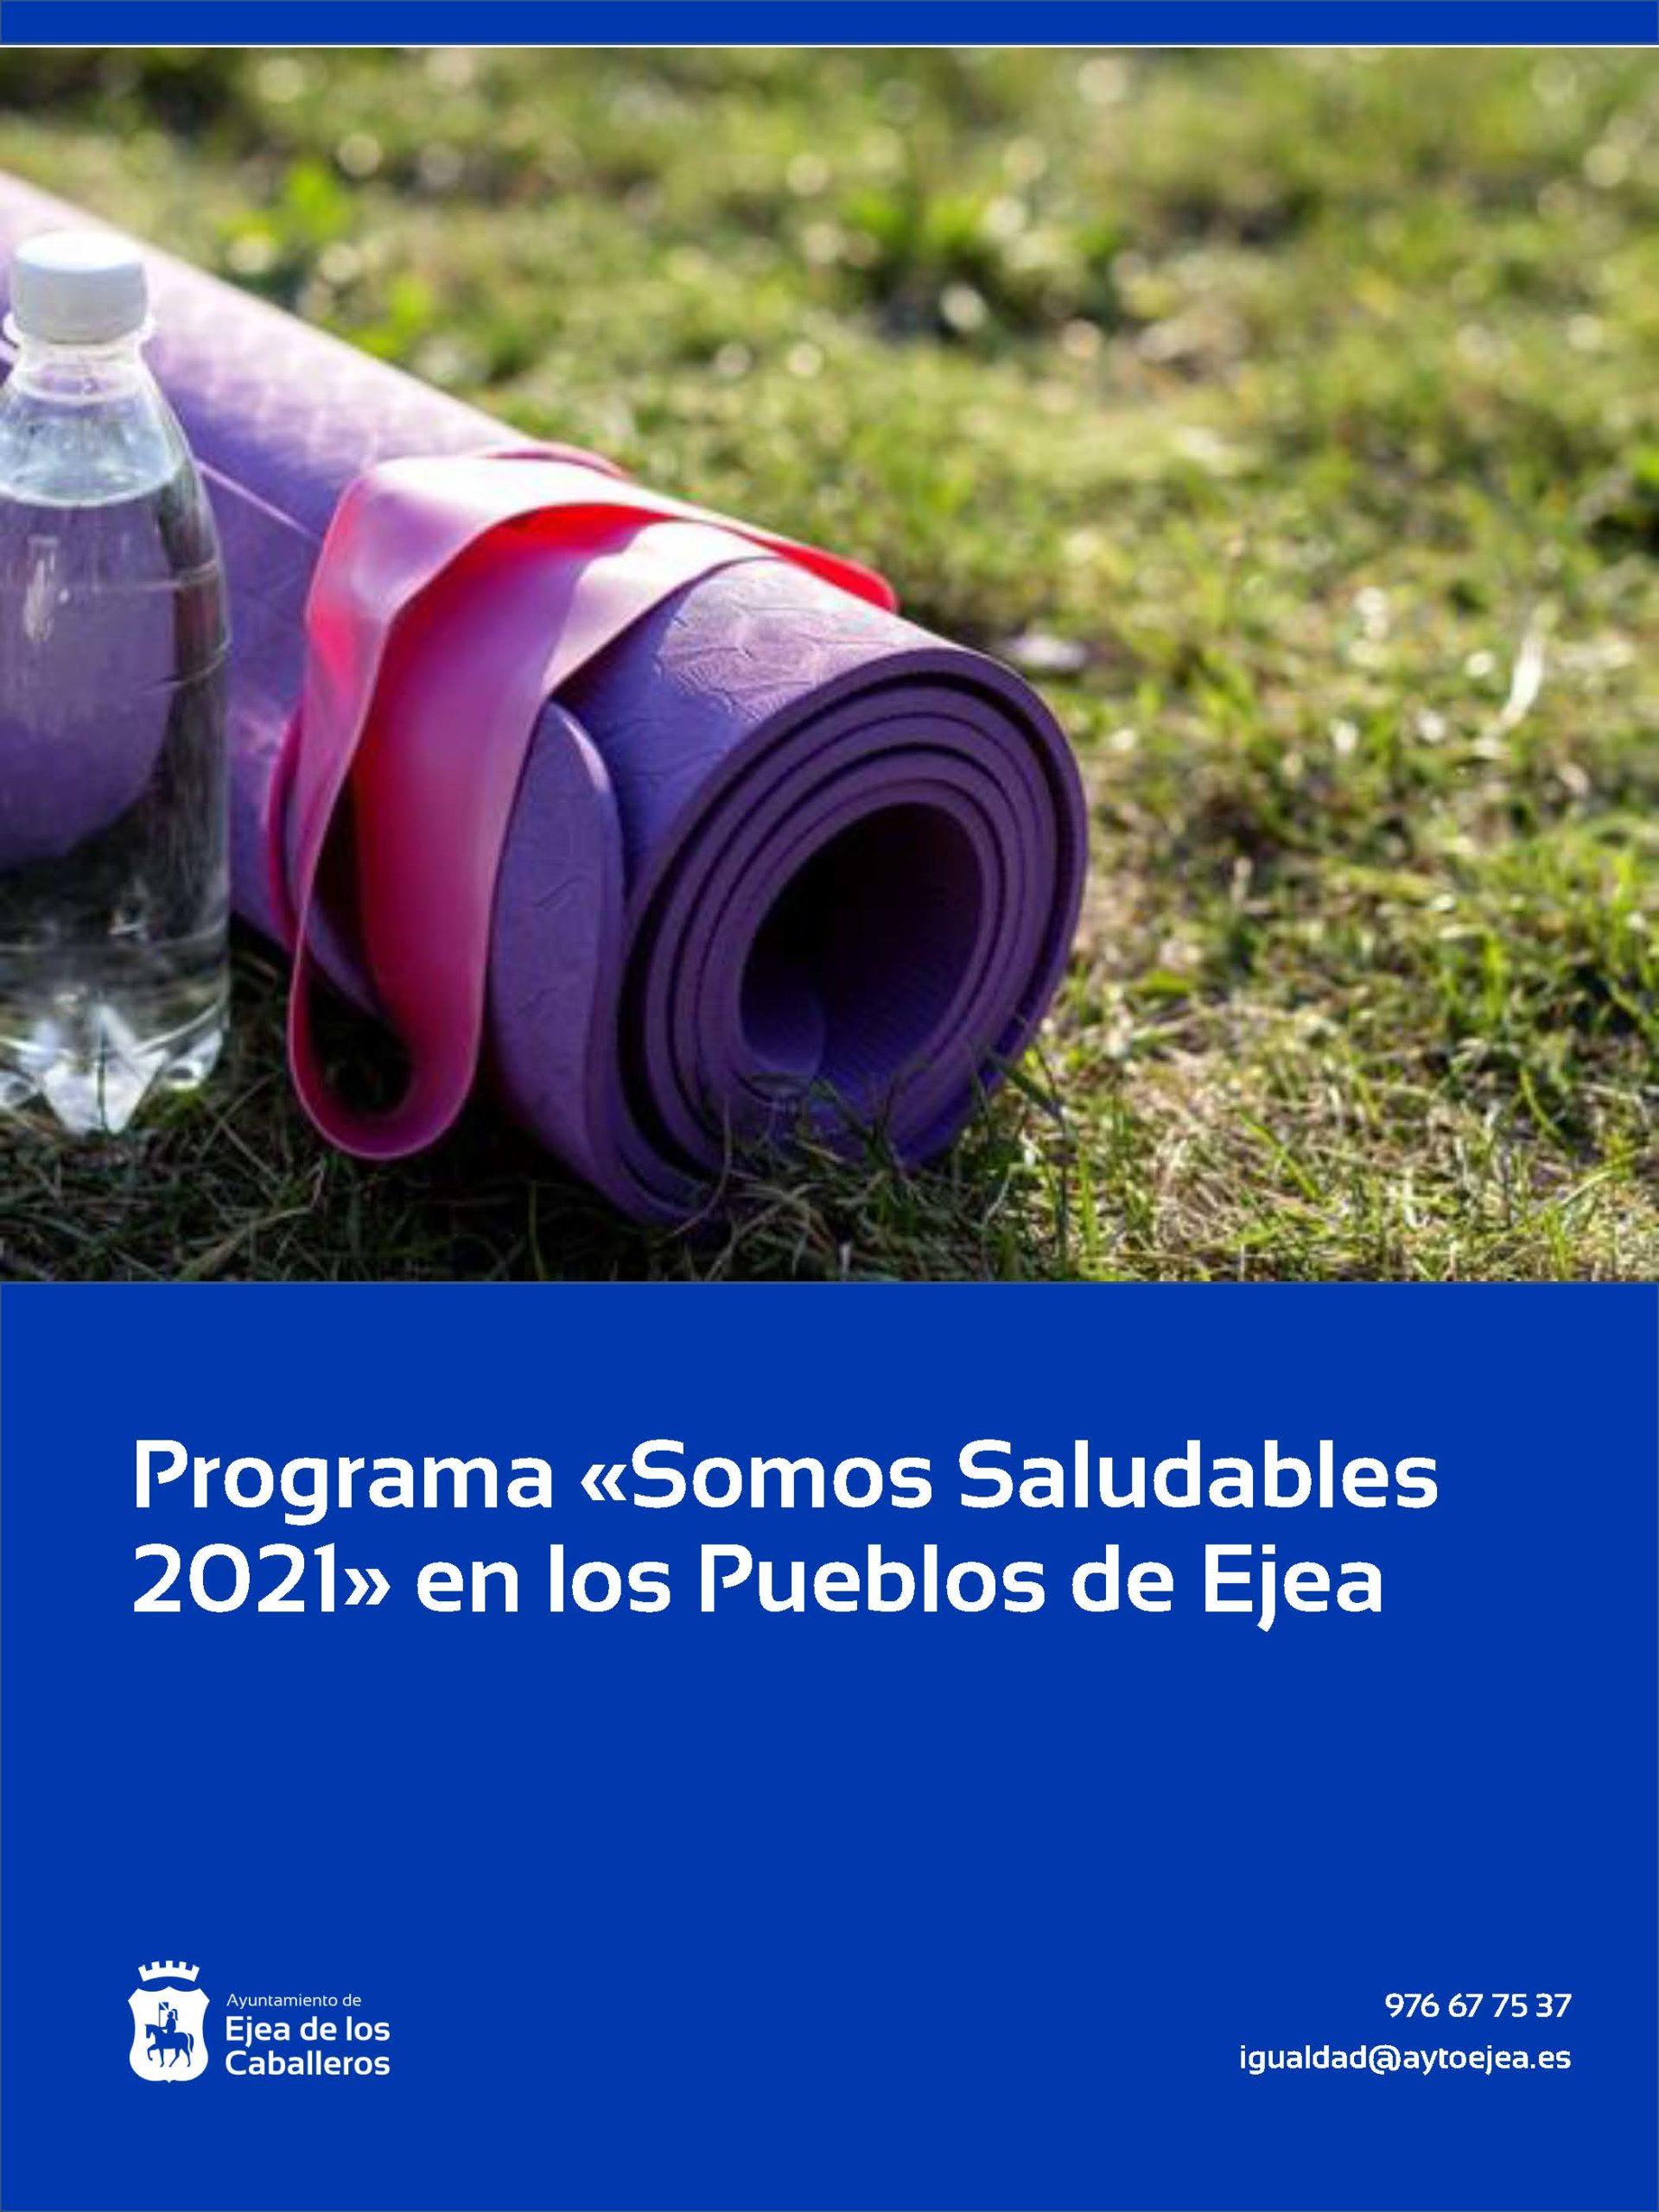 «Somos Saludables 2021» llega a los pueblos con propuestas de actividad física